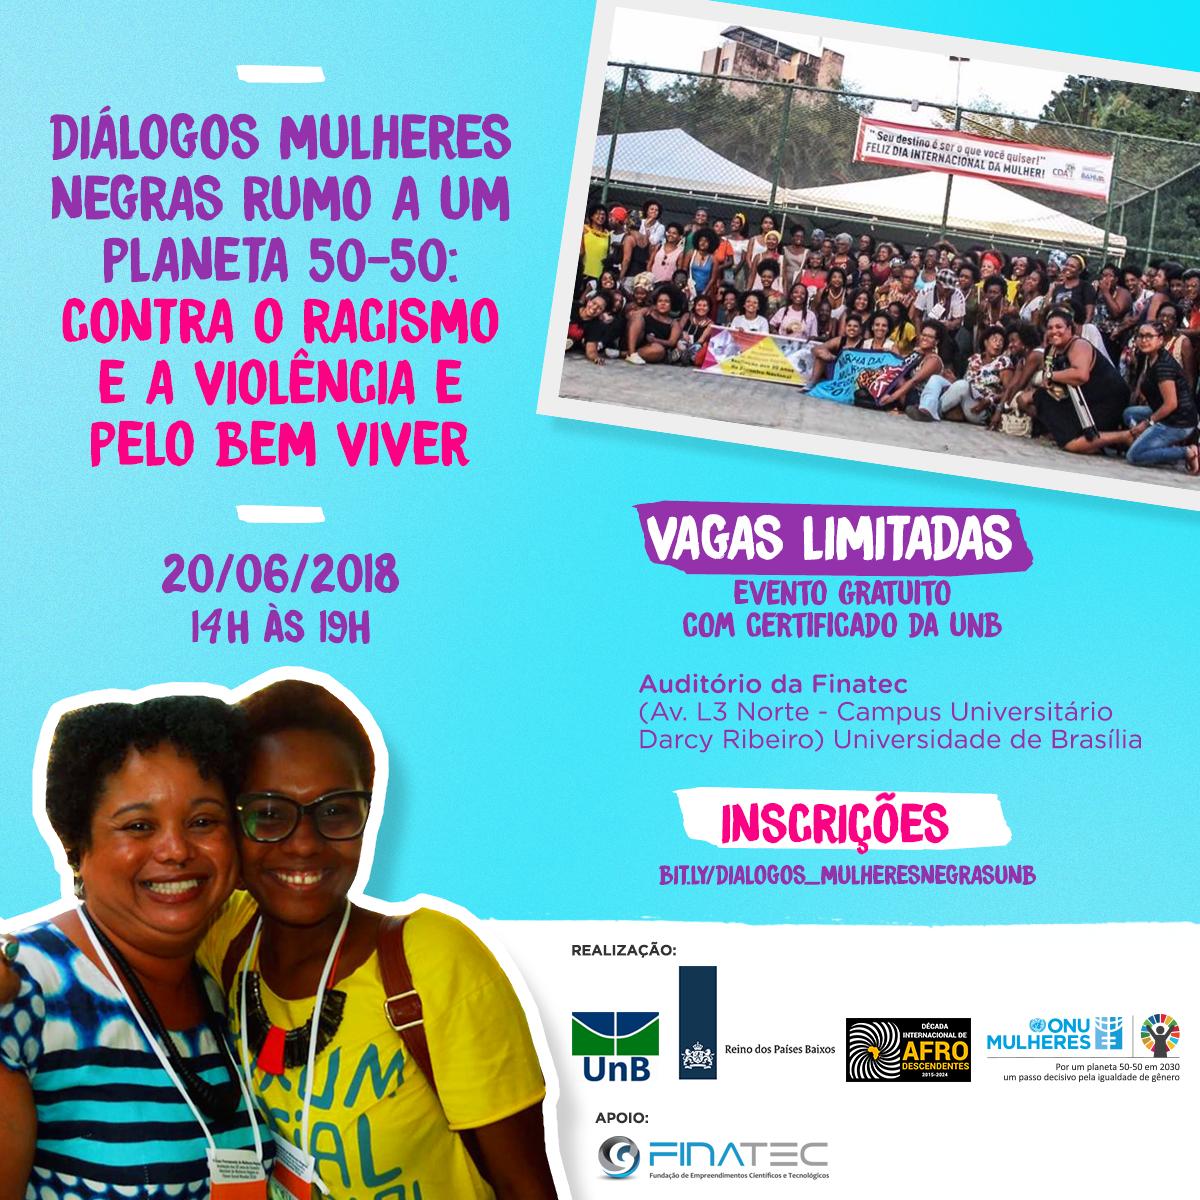 ONU Mulheres e Universidade de Brasília reúnem, em 20/6, ativistas e especialistas nos 'Diálogos Mulheres Negras Rumo a um Planeta 50 50: contra o Racismo e a Violência e pelo Bem Viver'/planeta 50 50 onu mulheres ods noticias mulheres negras igualdade de genero direitosdasmulheres decada afro csw